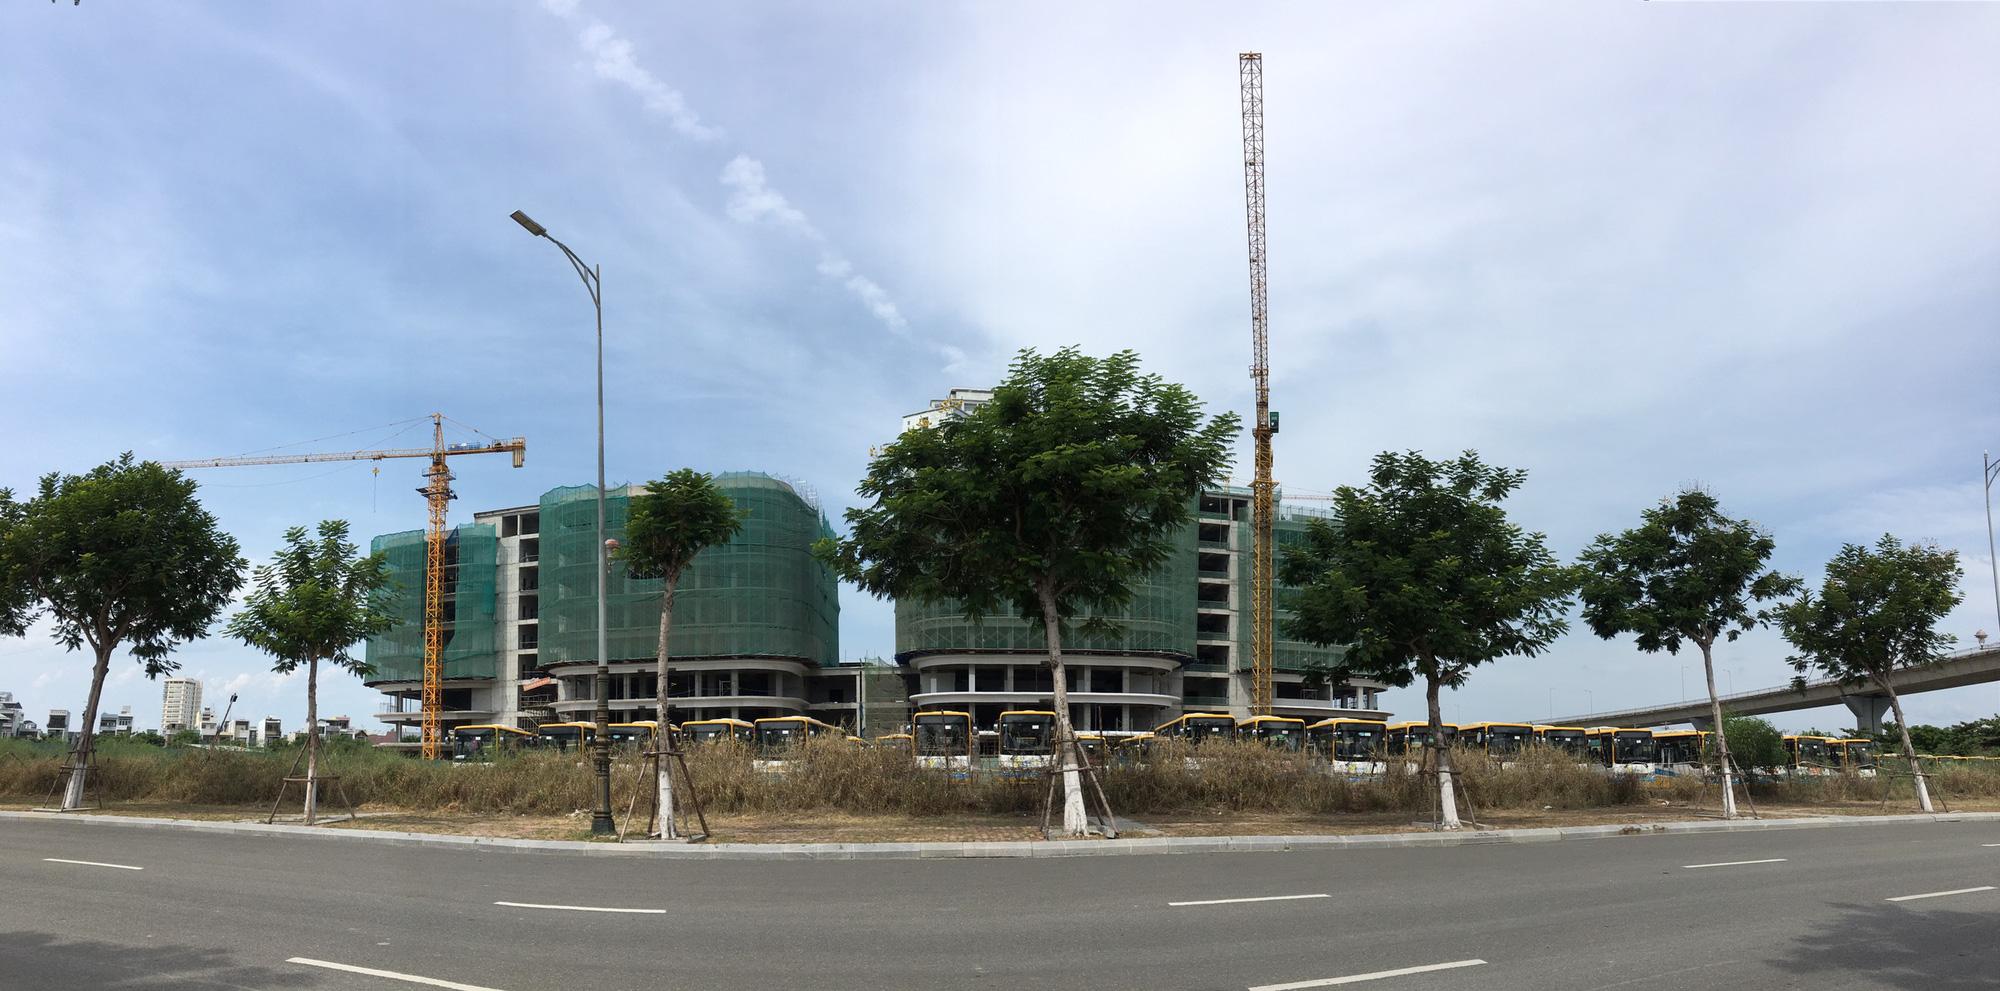 Ba khu đất sát sông Hàn, khu công nghiệp Thủy sản Đà Nẵng kêu gọi đầu tư - Ảnh 15.